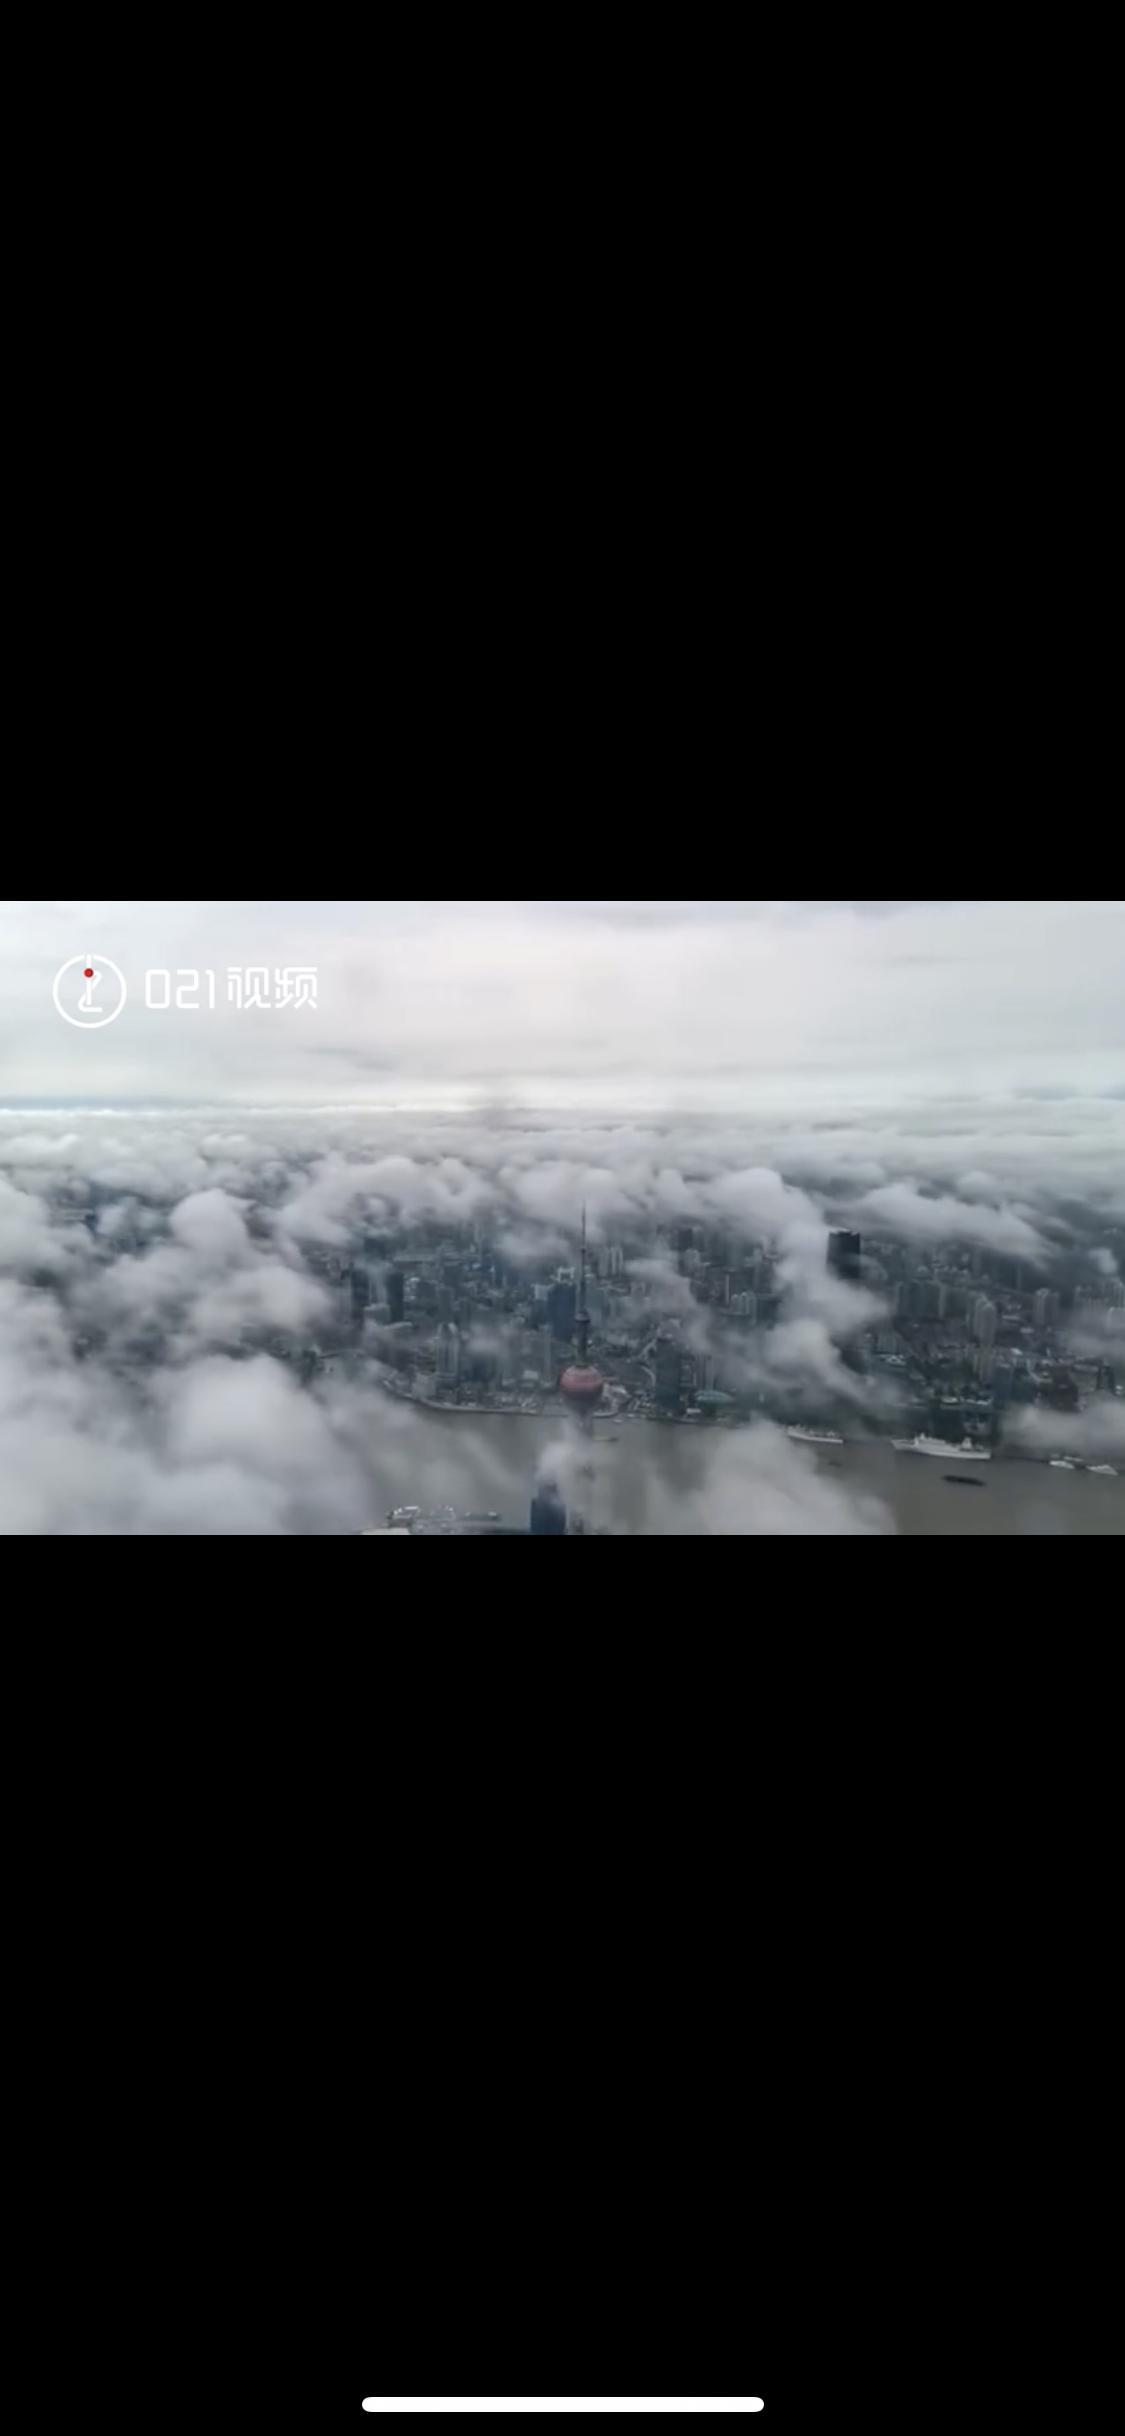 绝美!来欣赏上海雨后大片,太有意境了